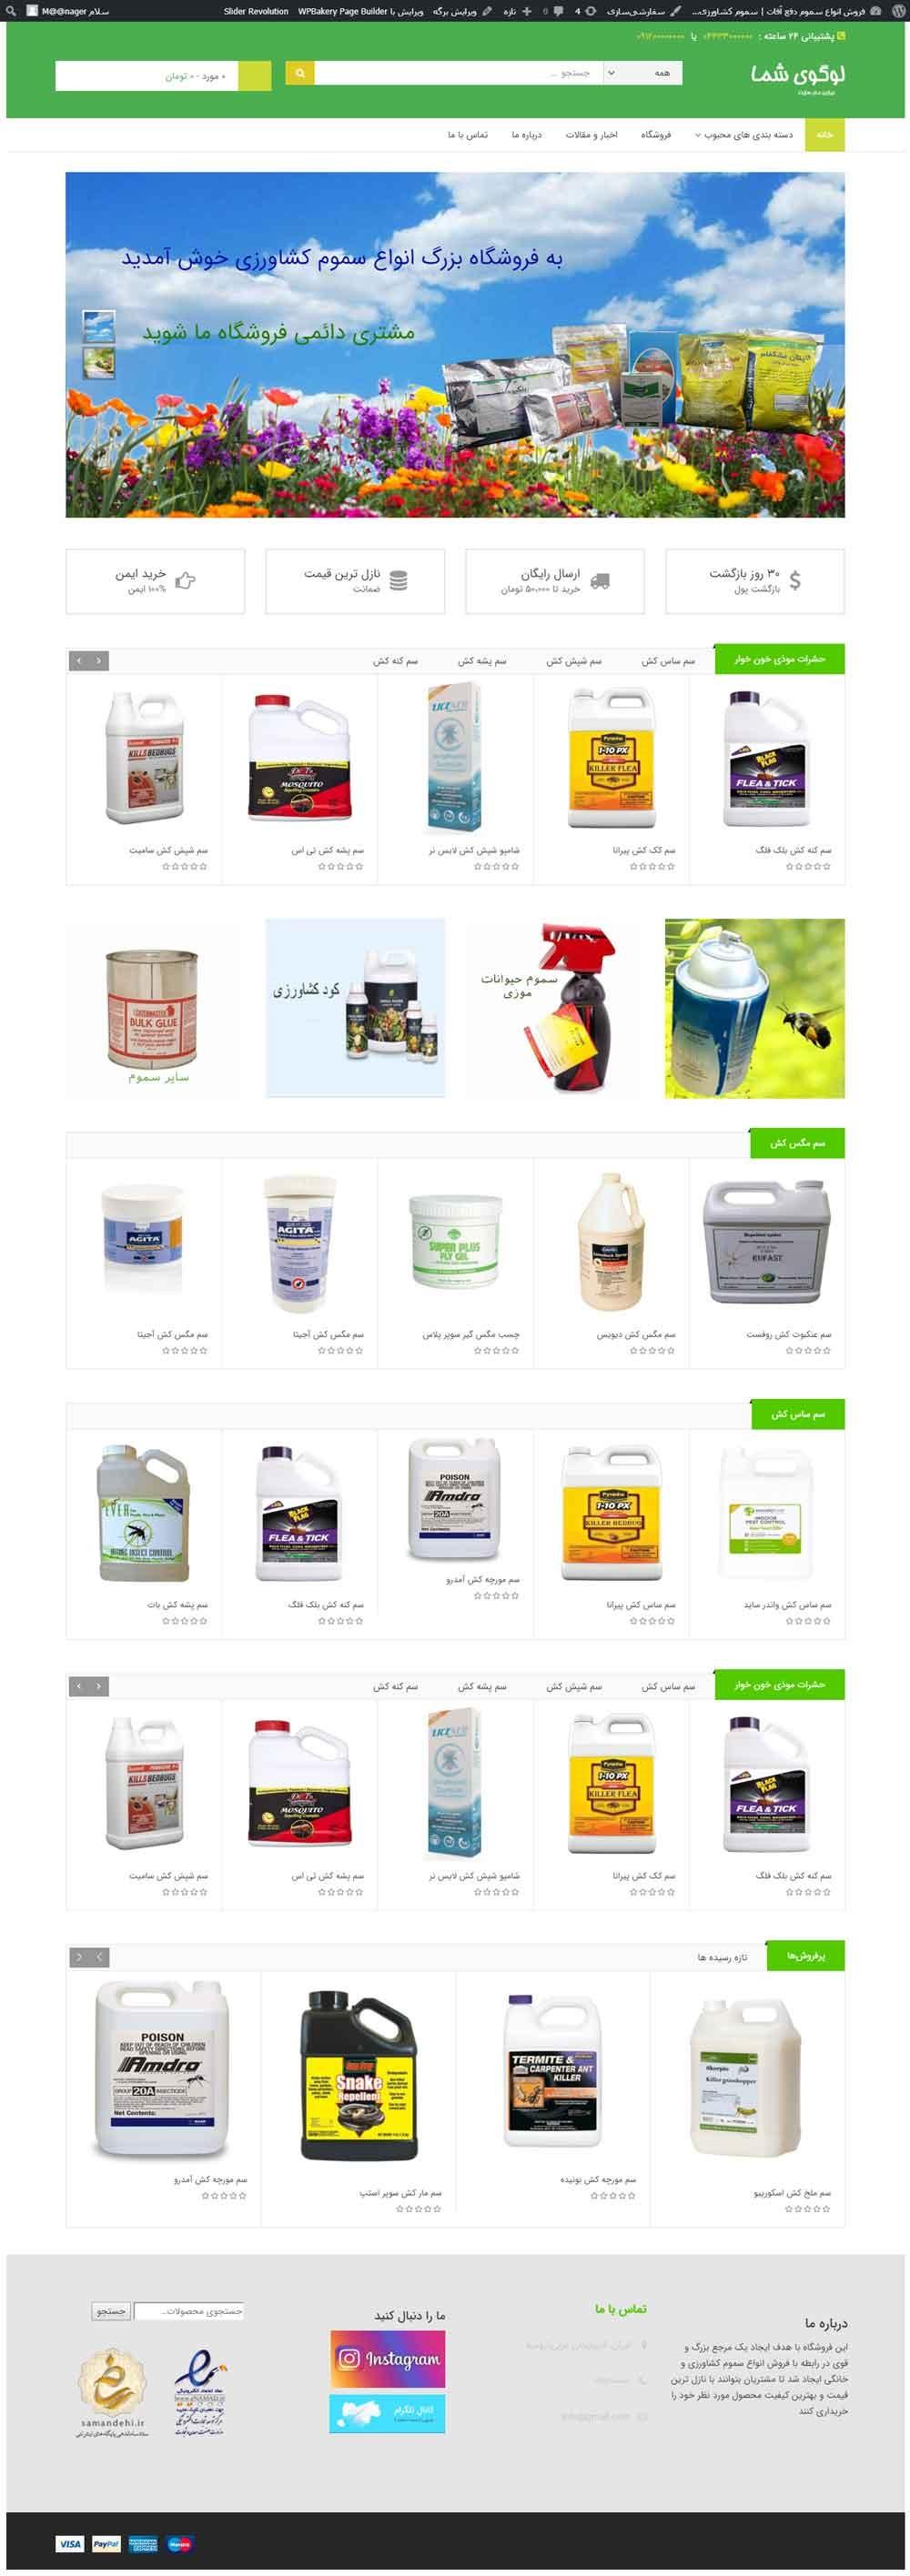 طراحی-سایت-دفع-آفات-و-سموم-کشاورزی-و-حشرات-موزی-اورمیادیزاین